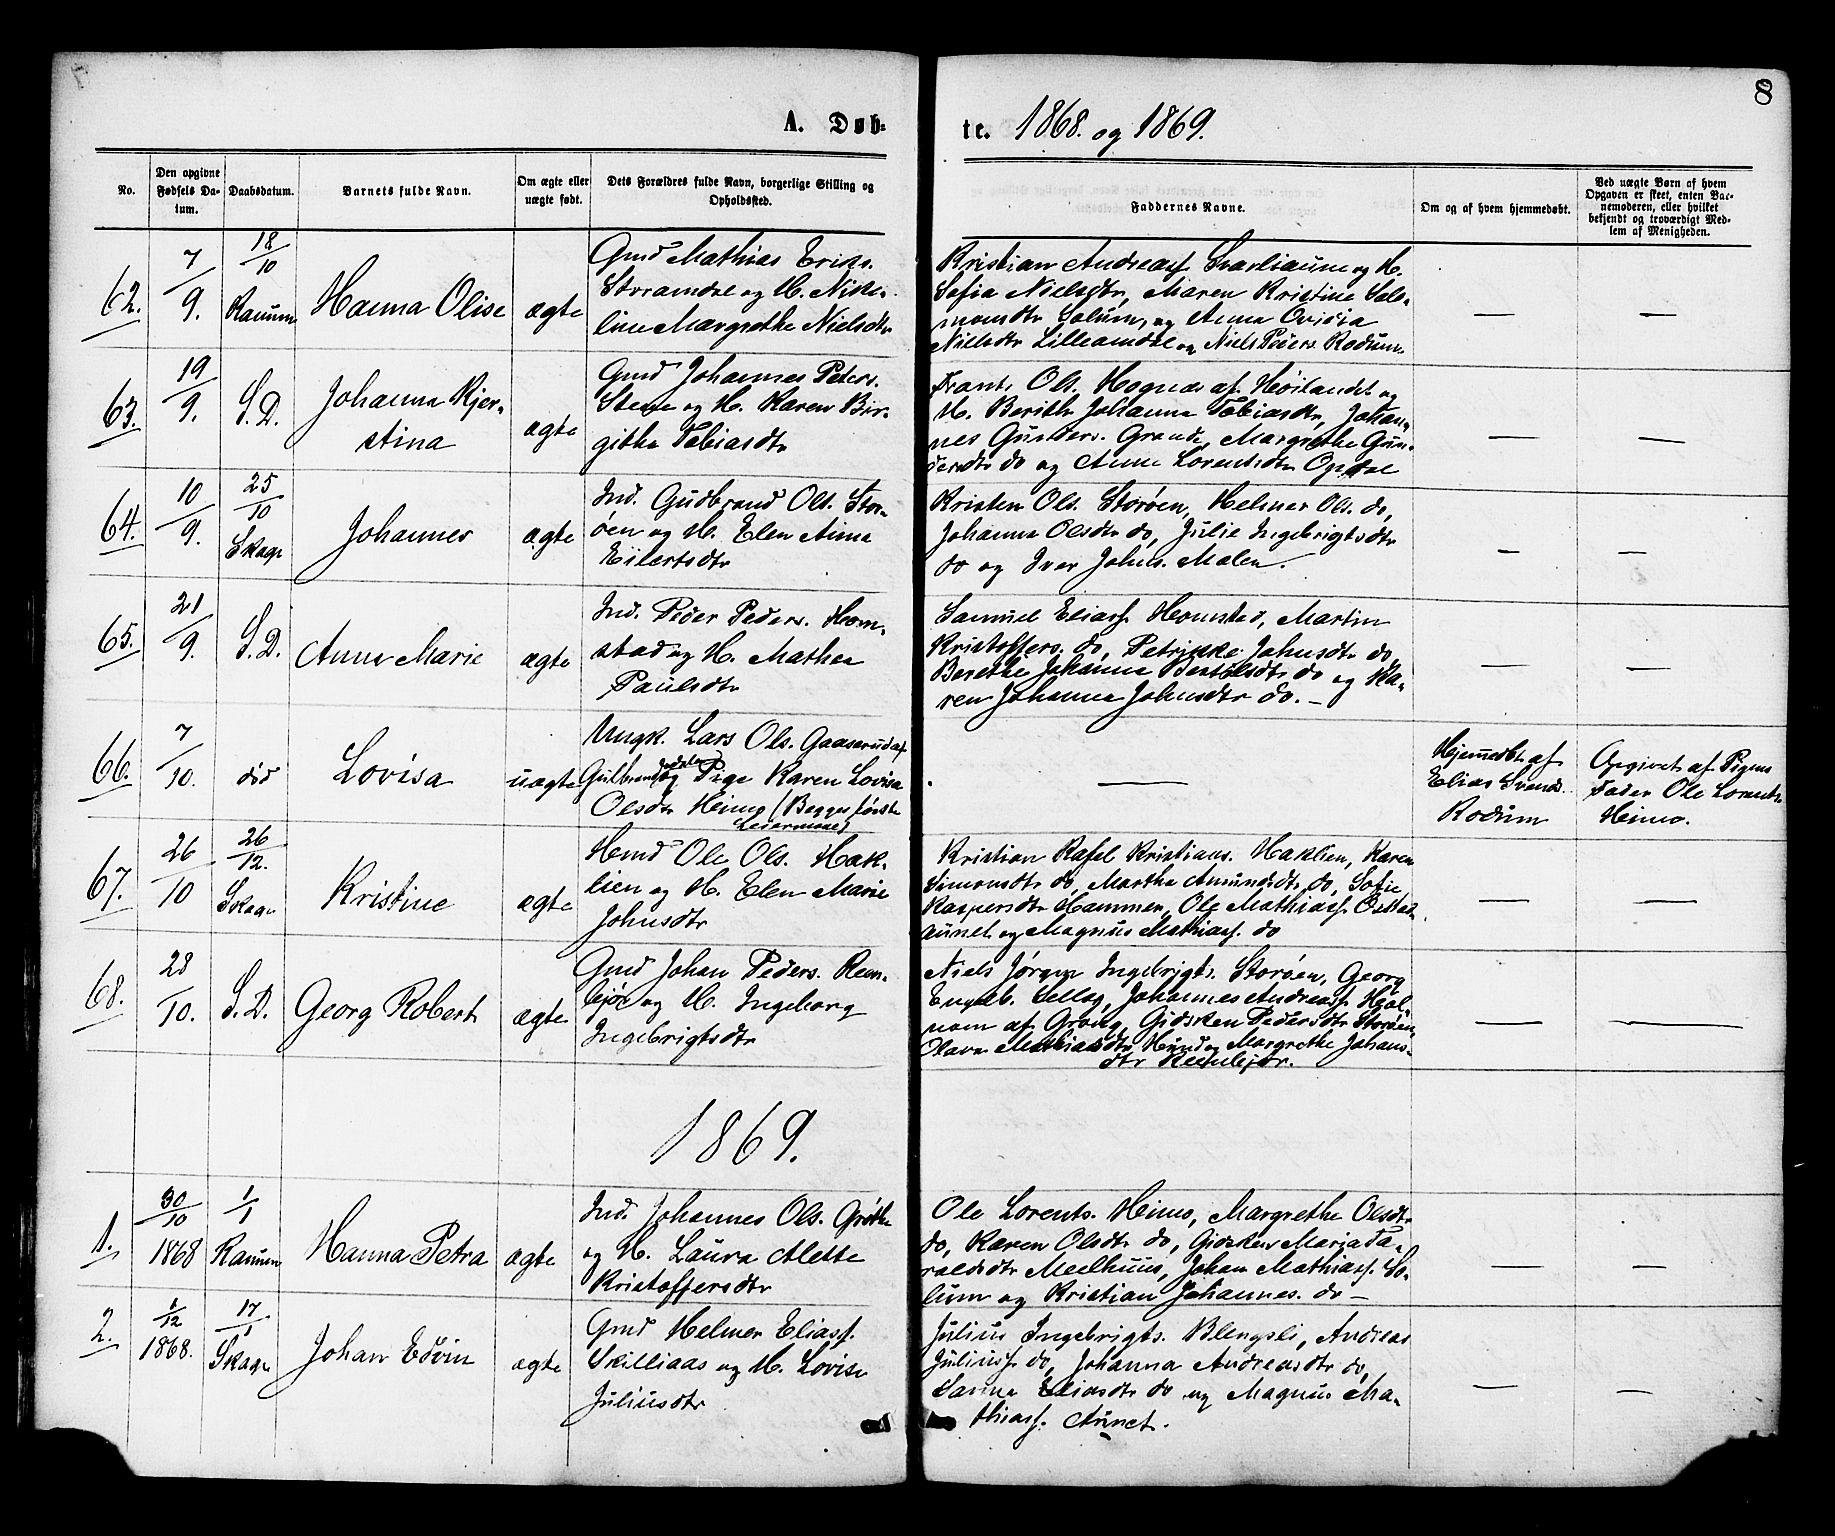 SAT, Ministerialprotokoller, klokkerbøker og fødselsregistre - Nord-Trøndelag, 764/L0554: Ministerialbok nr. 764A09, 1867-1880, s. 8